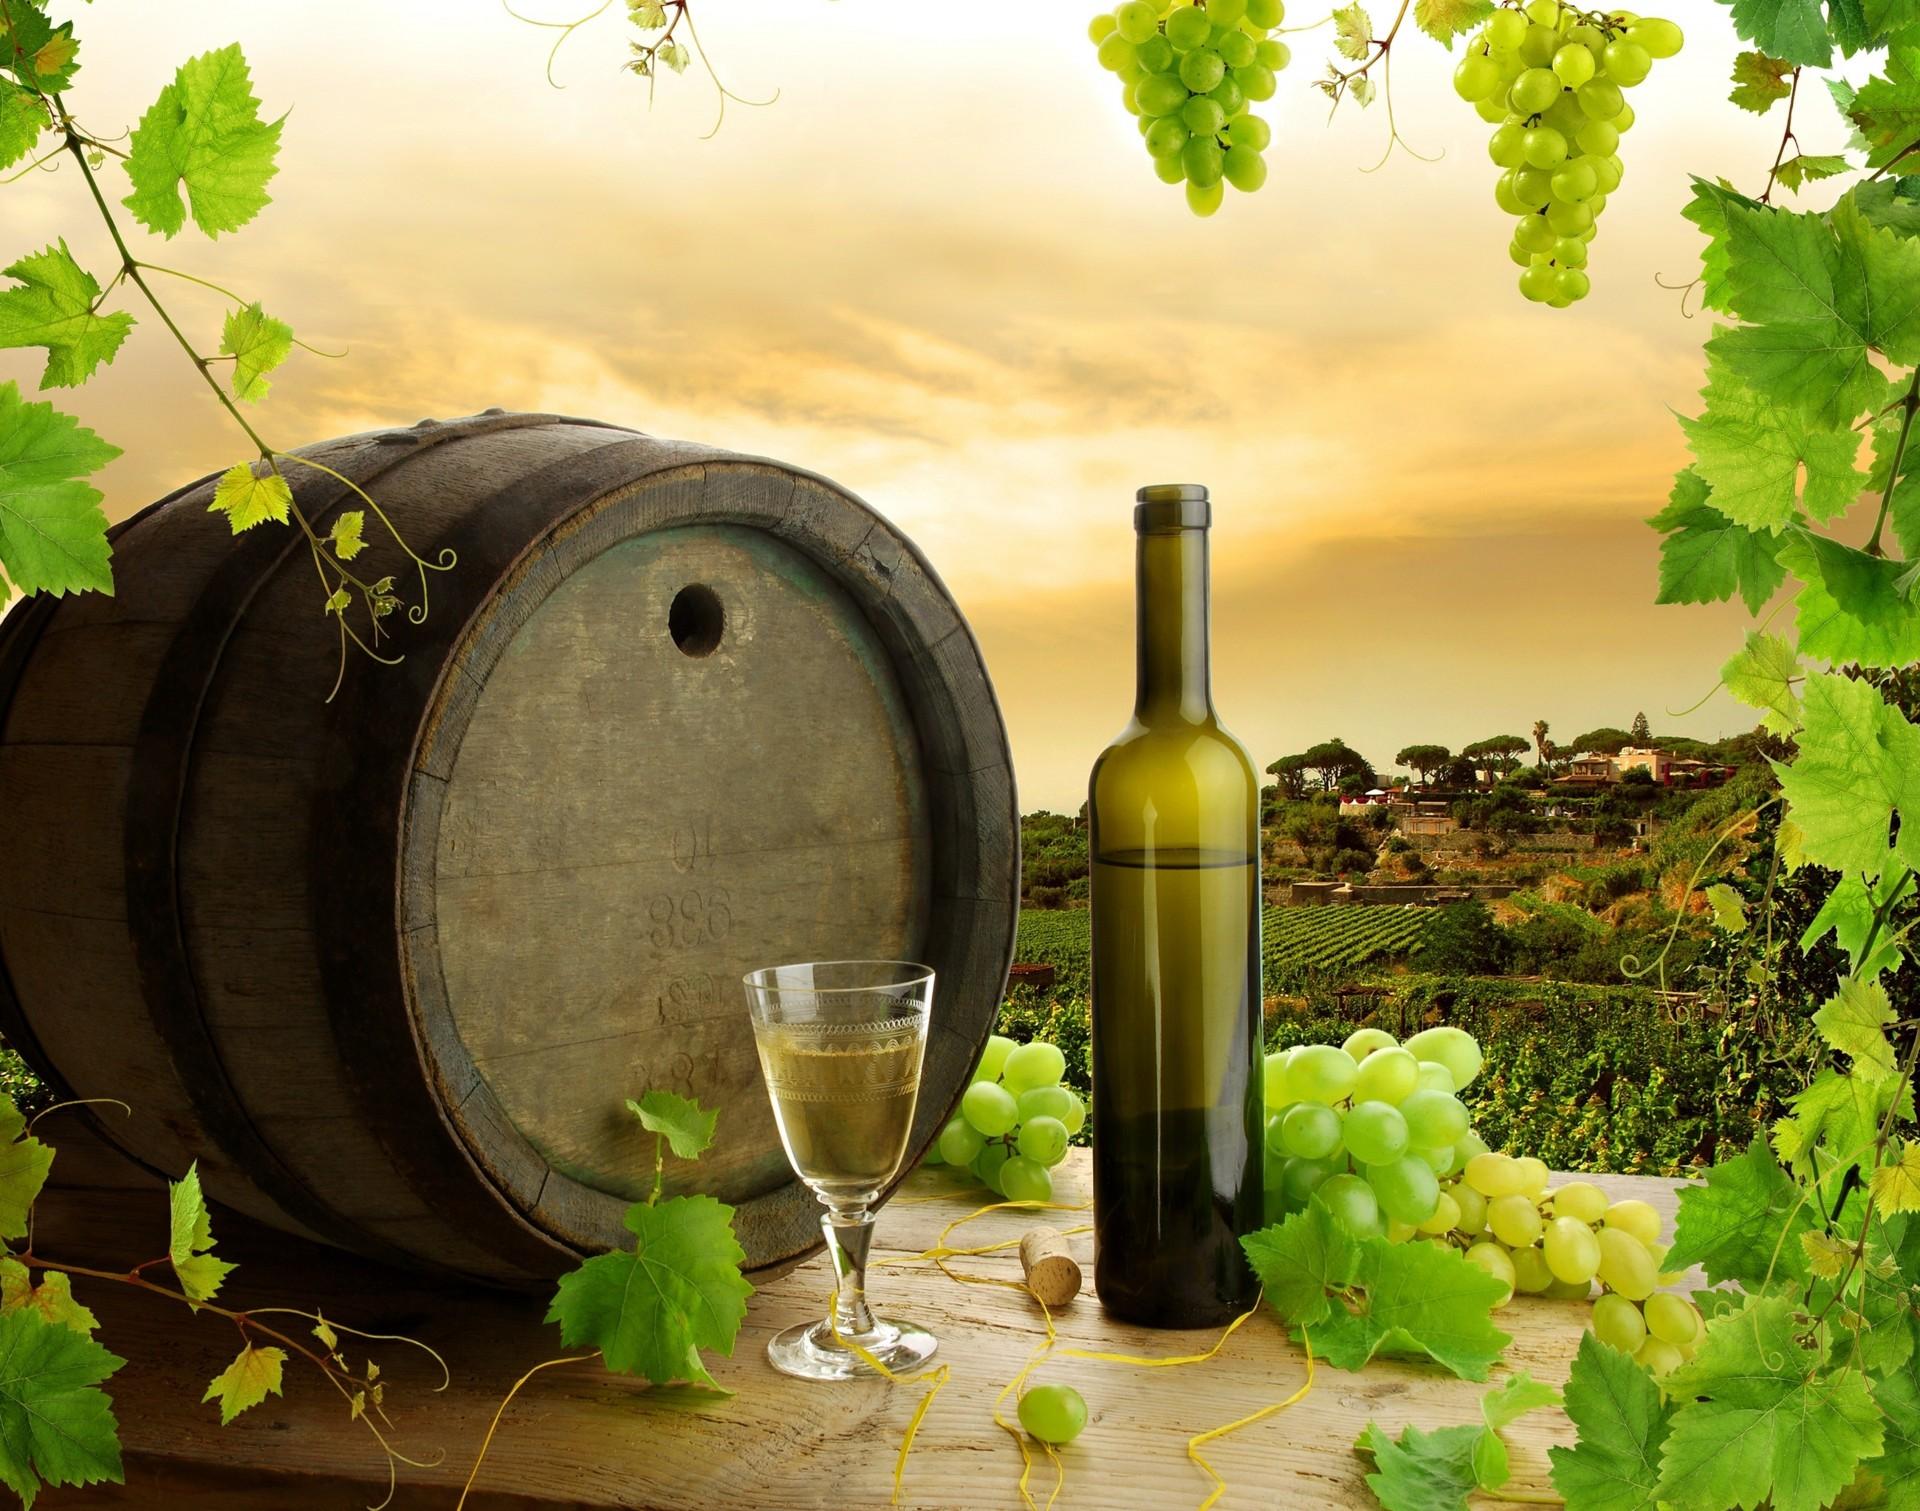 Обои Бутылки, бочки, виноградники, виноград, вино. Разное foto 10